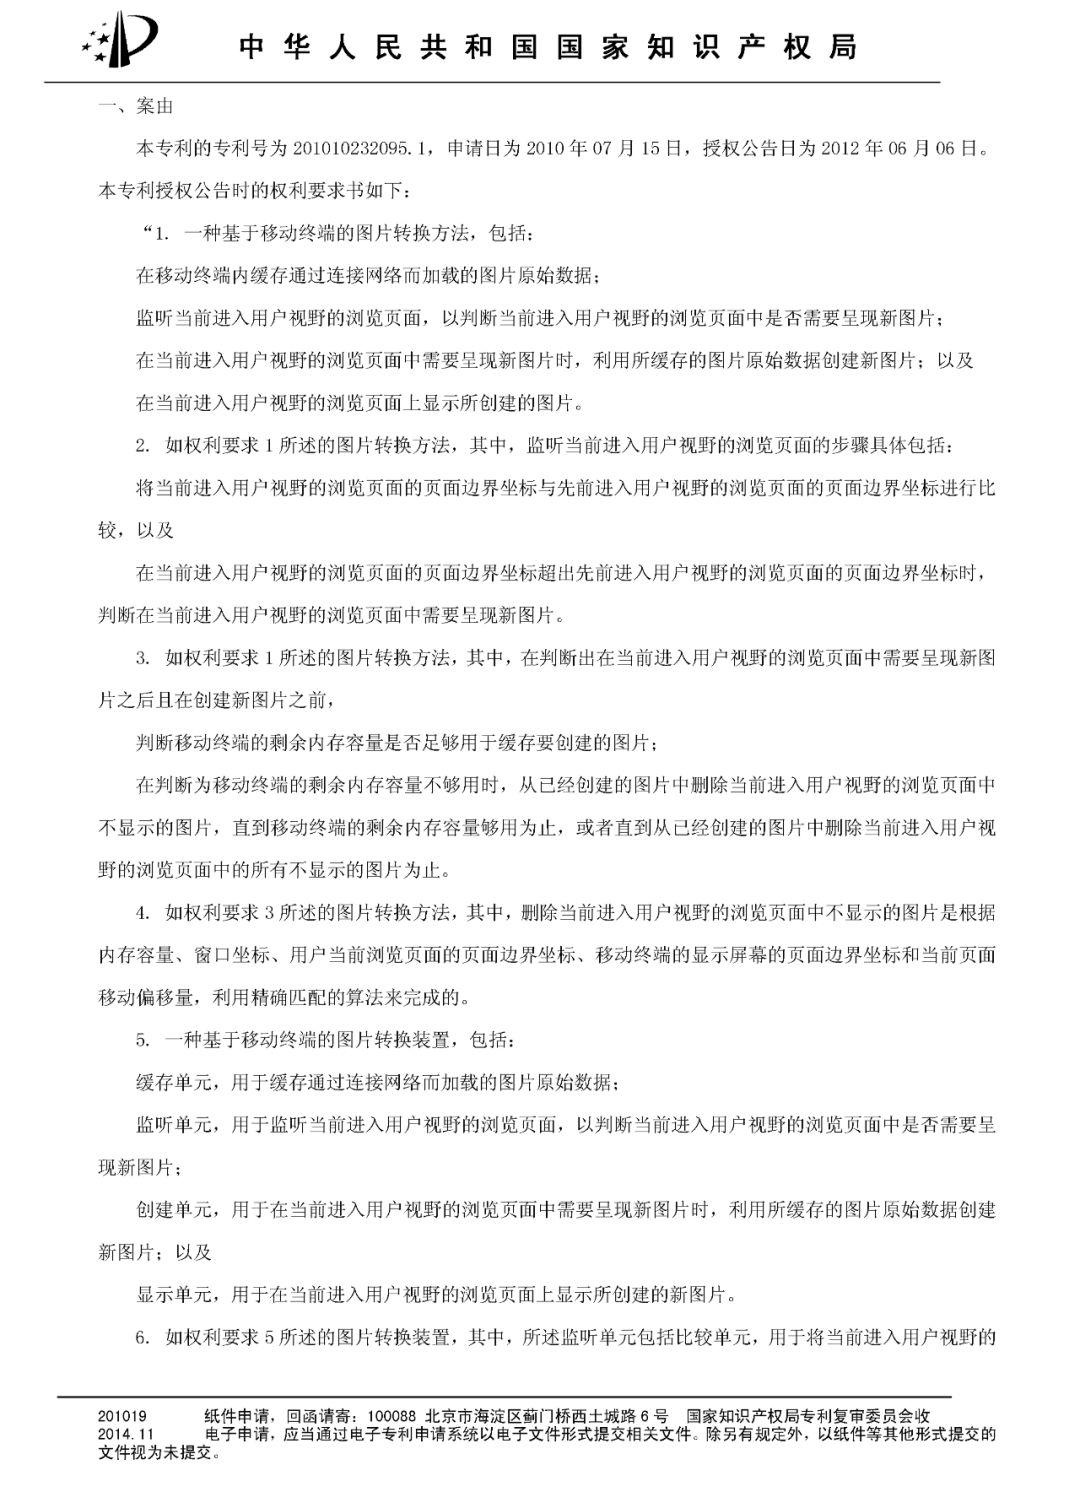 今日头条涉嫌专利侵权,或将面临高达1200万元赔偿!(决定书全文)